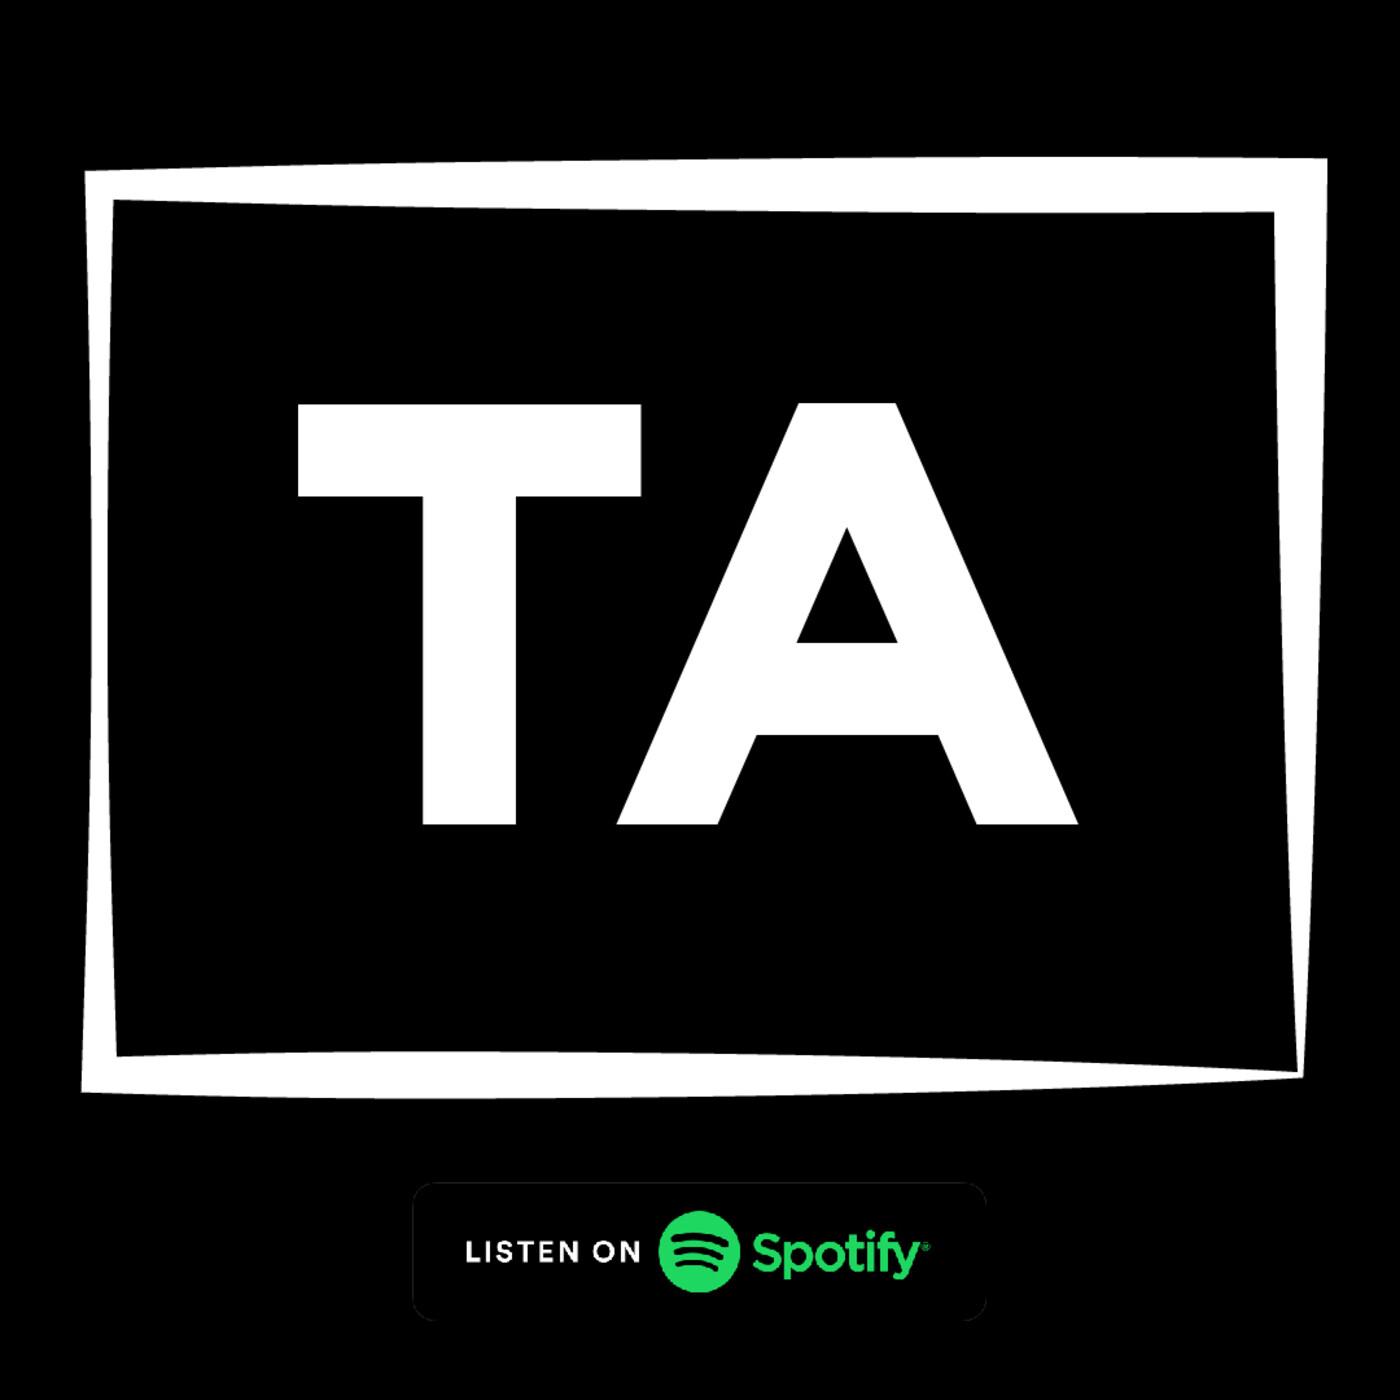 Tiempo Agregado - Podcast | 20-10-2020 | banderazo de salida de la UEFA champions league